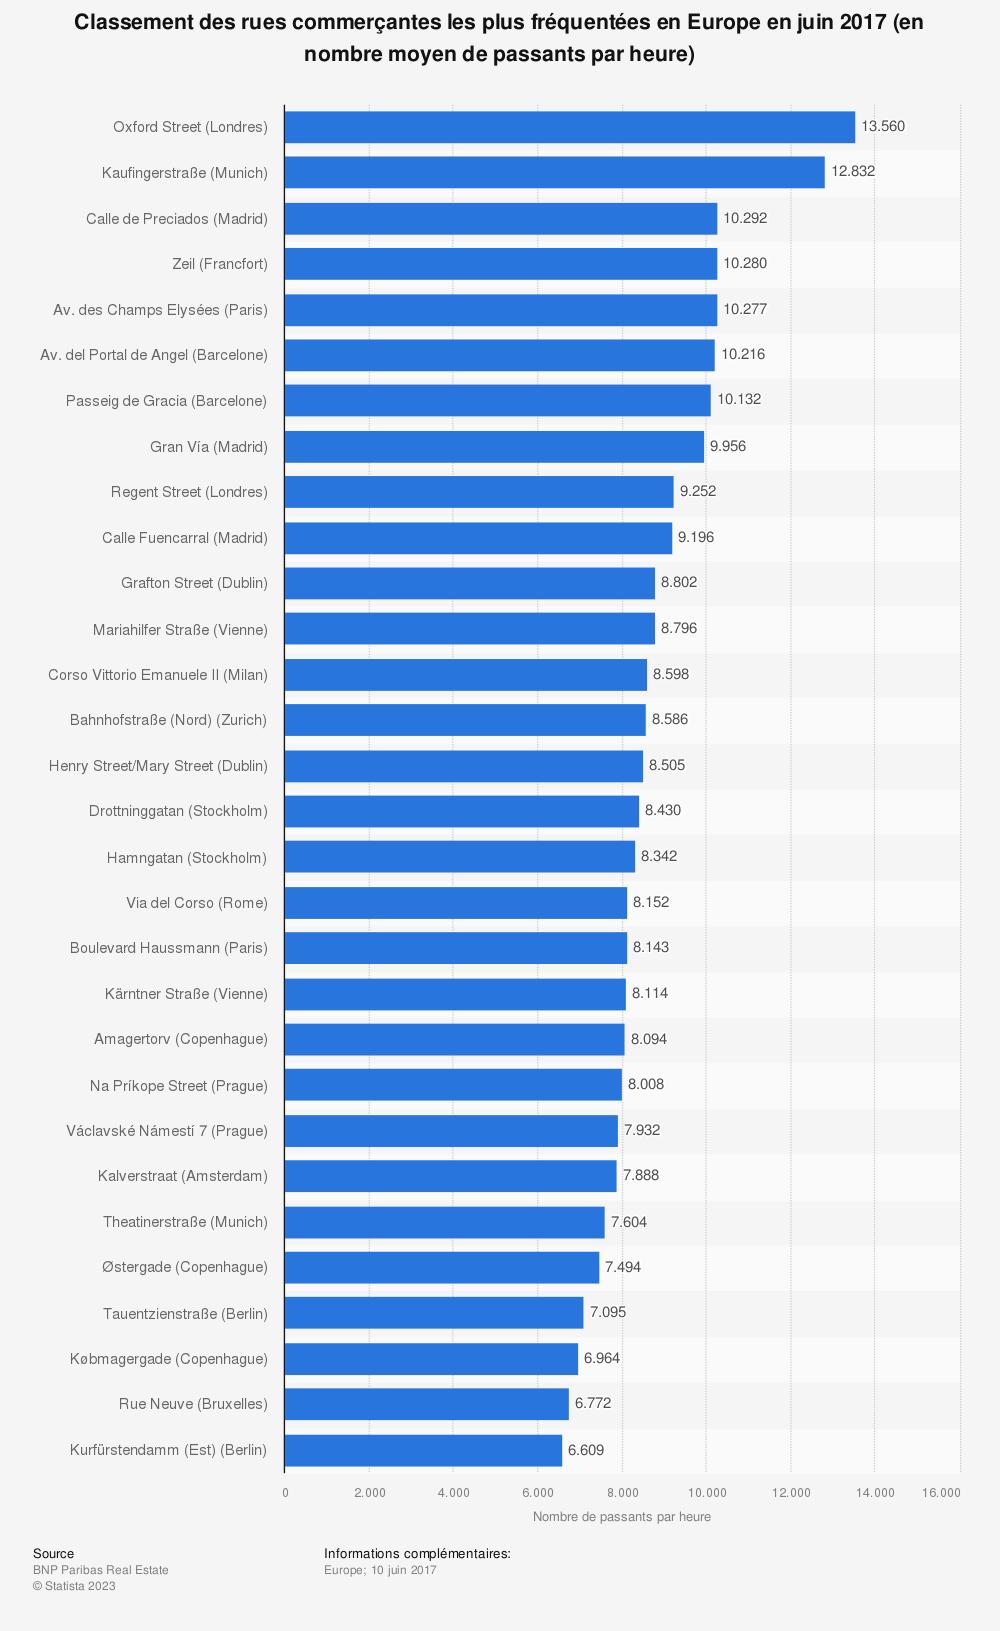 Statistique: Classement des rues commerçantes les plus fréquentées en Europe en juin 2017 (en nombre moyen de passants par heure) | Statista